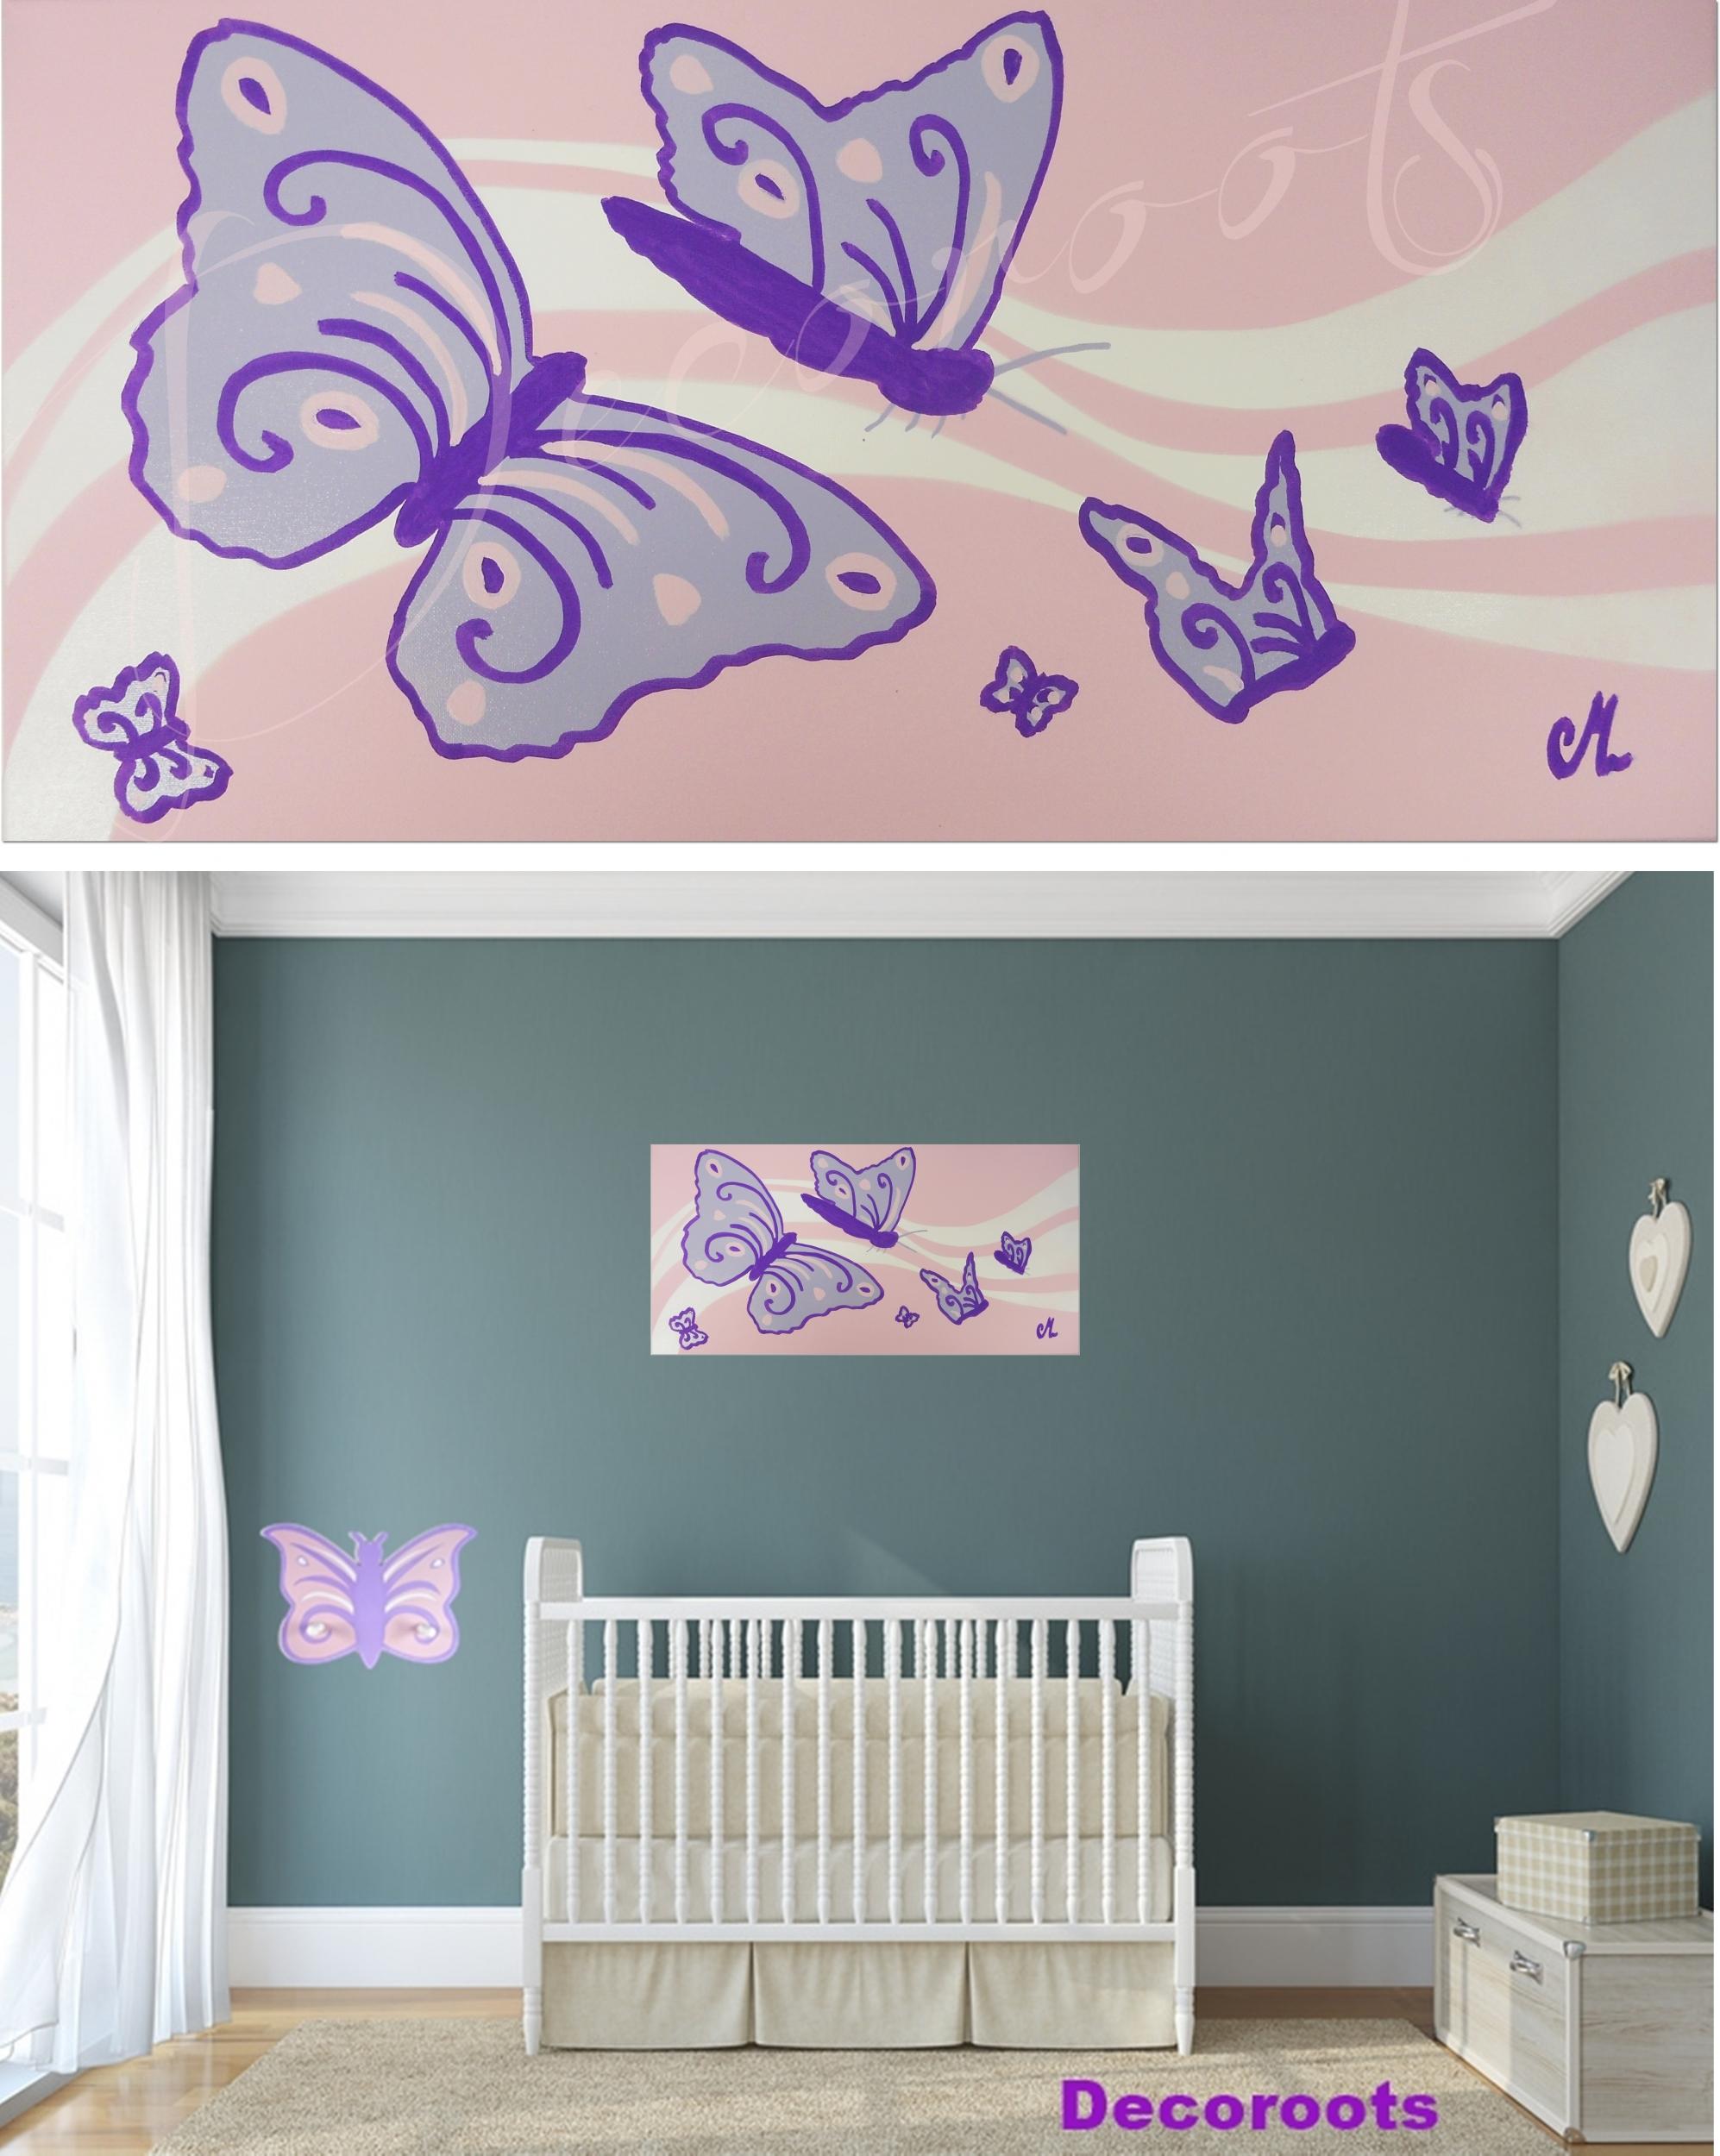 tableau enfant b b fille envol de papillons enfant b b tableau enfant b b decoroots. Black Bedroom Furniture Sets. Home Design Ideas